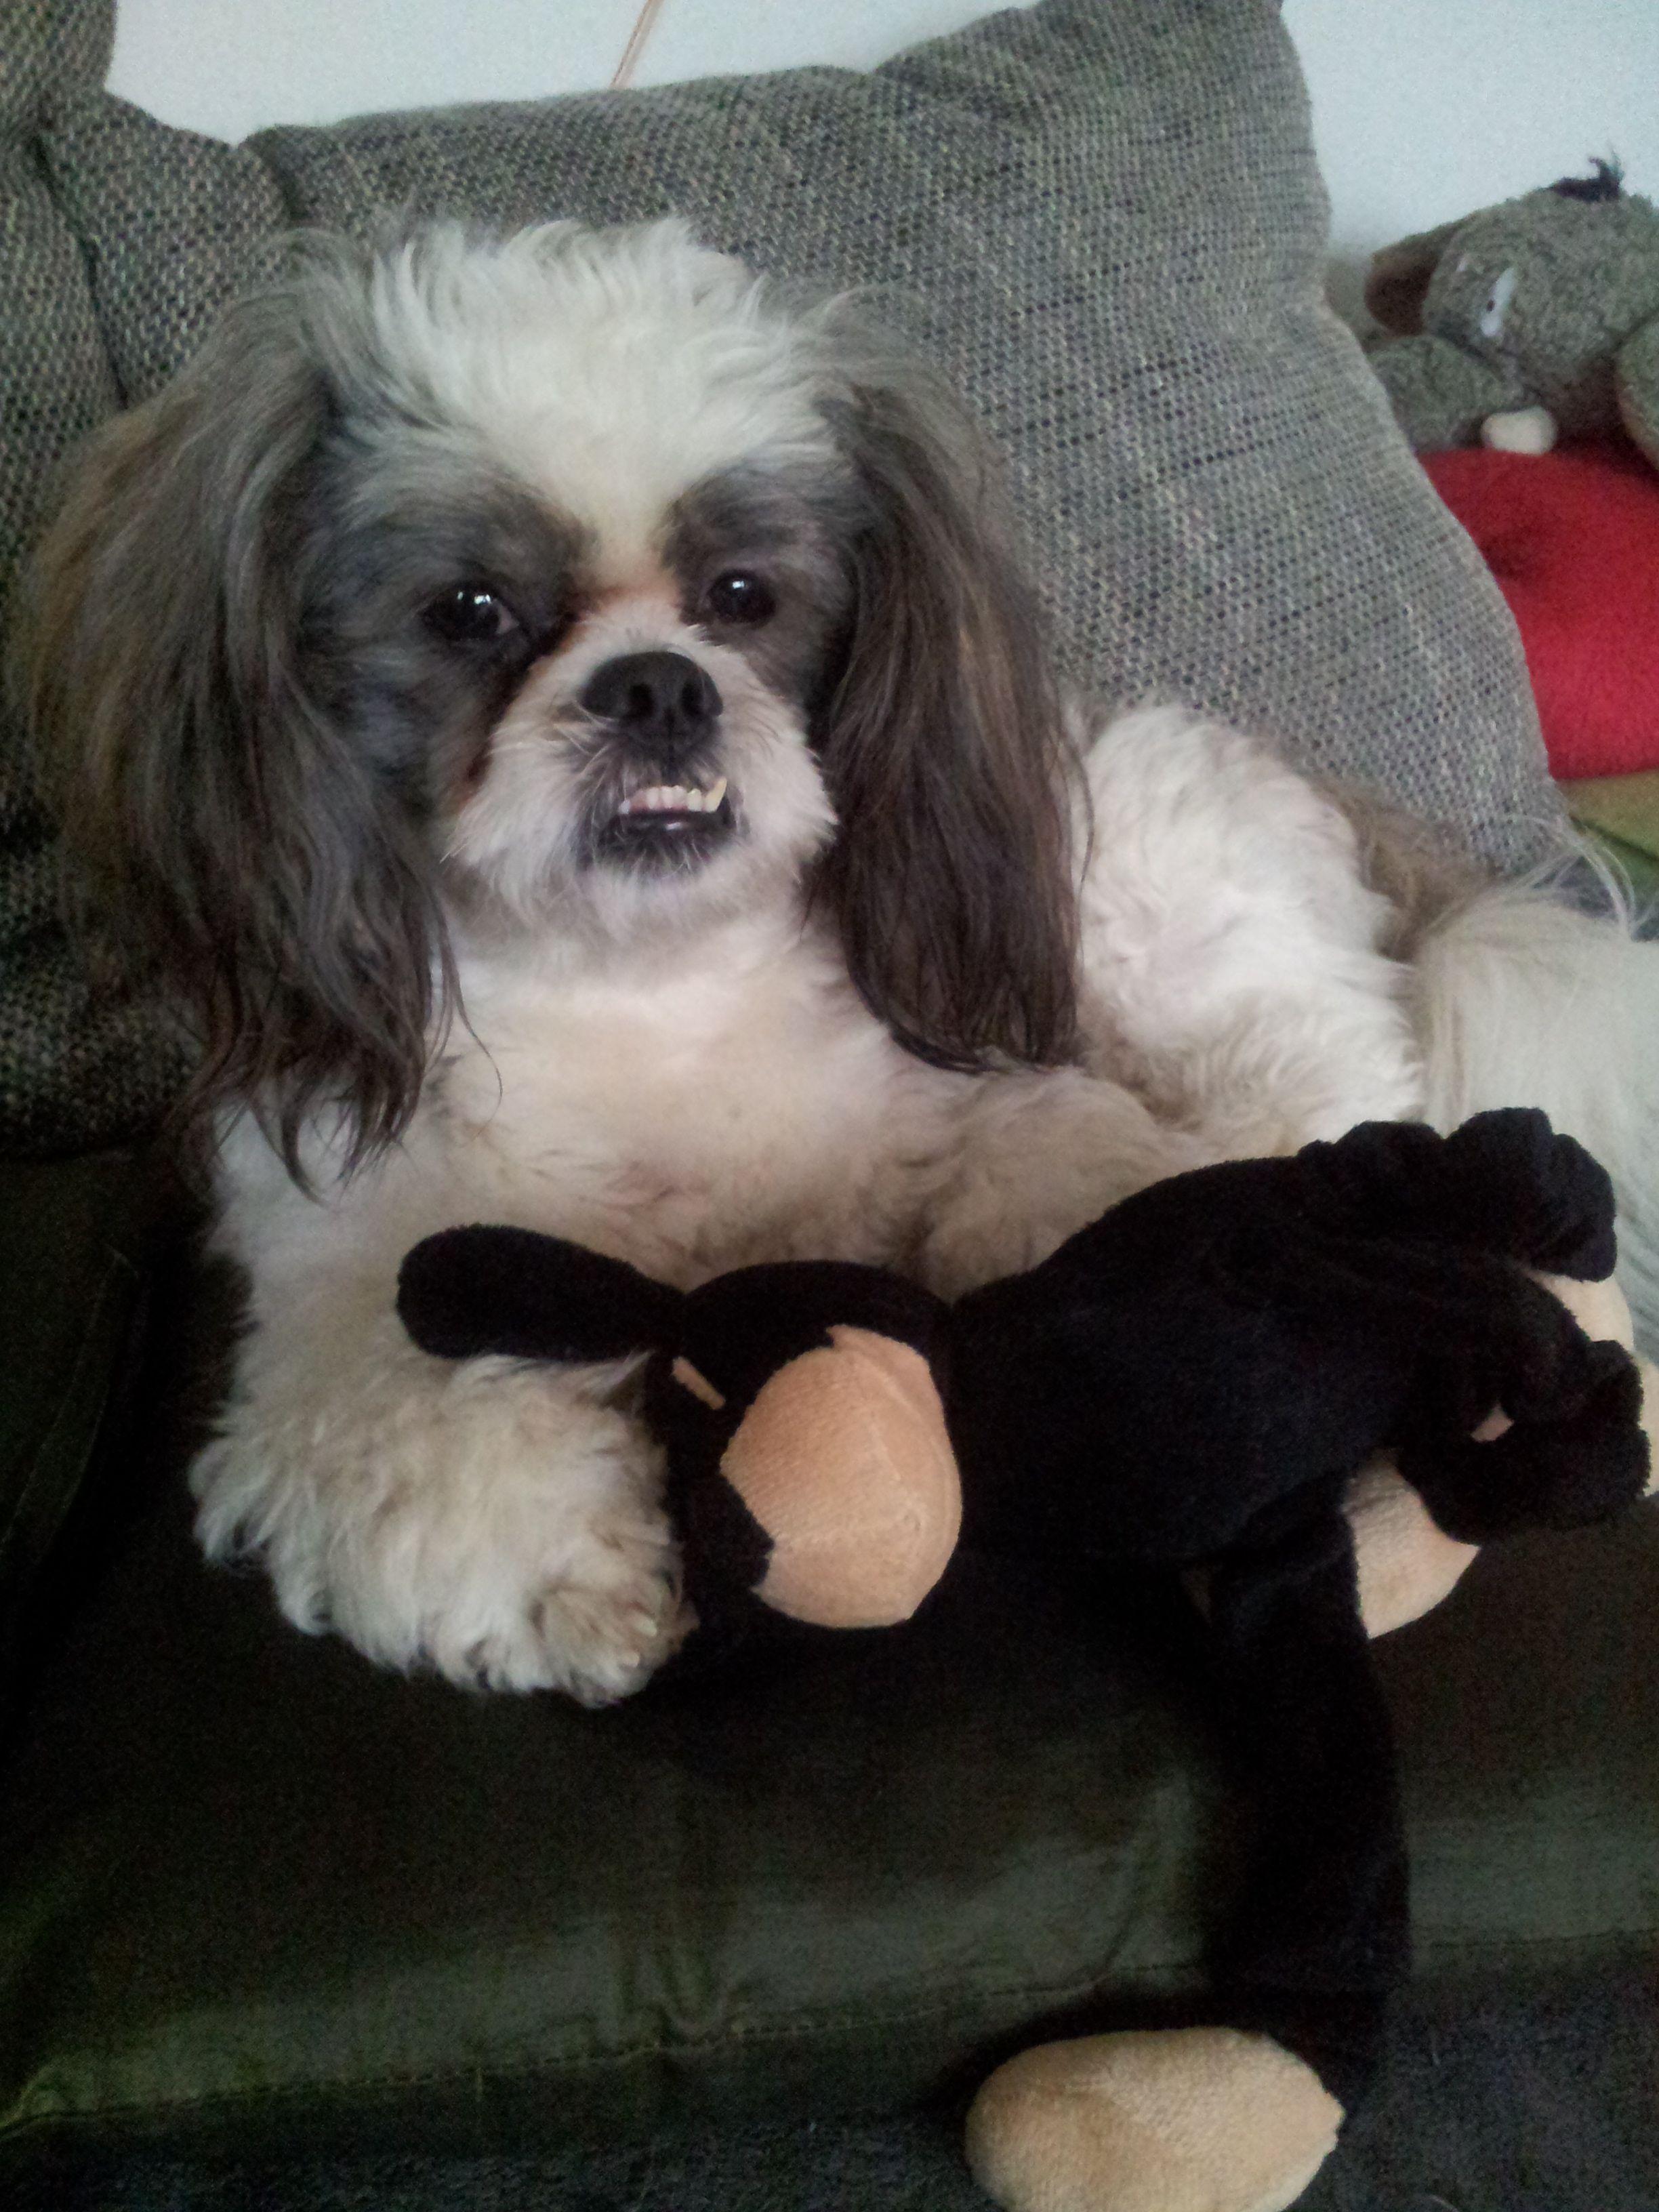 Hunde Foto: Petra und Theodor Mike - Theodor und Hugo ein unschlagbares Doppel Hier Dein Bild hochladen: http://ichliebehunde.com/hund-des-tages  #hund #hunde #hundebild #hundebilder #dog #dogs #dogfun  #dogpic #dogpictures